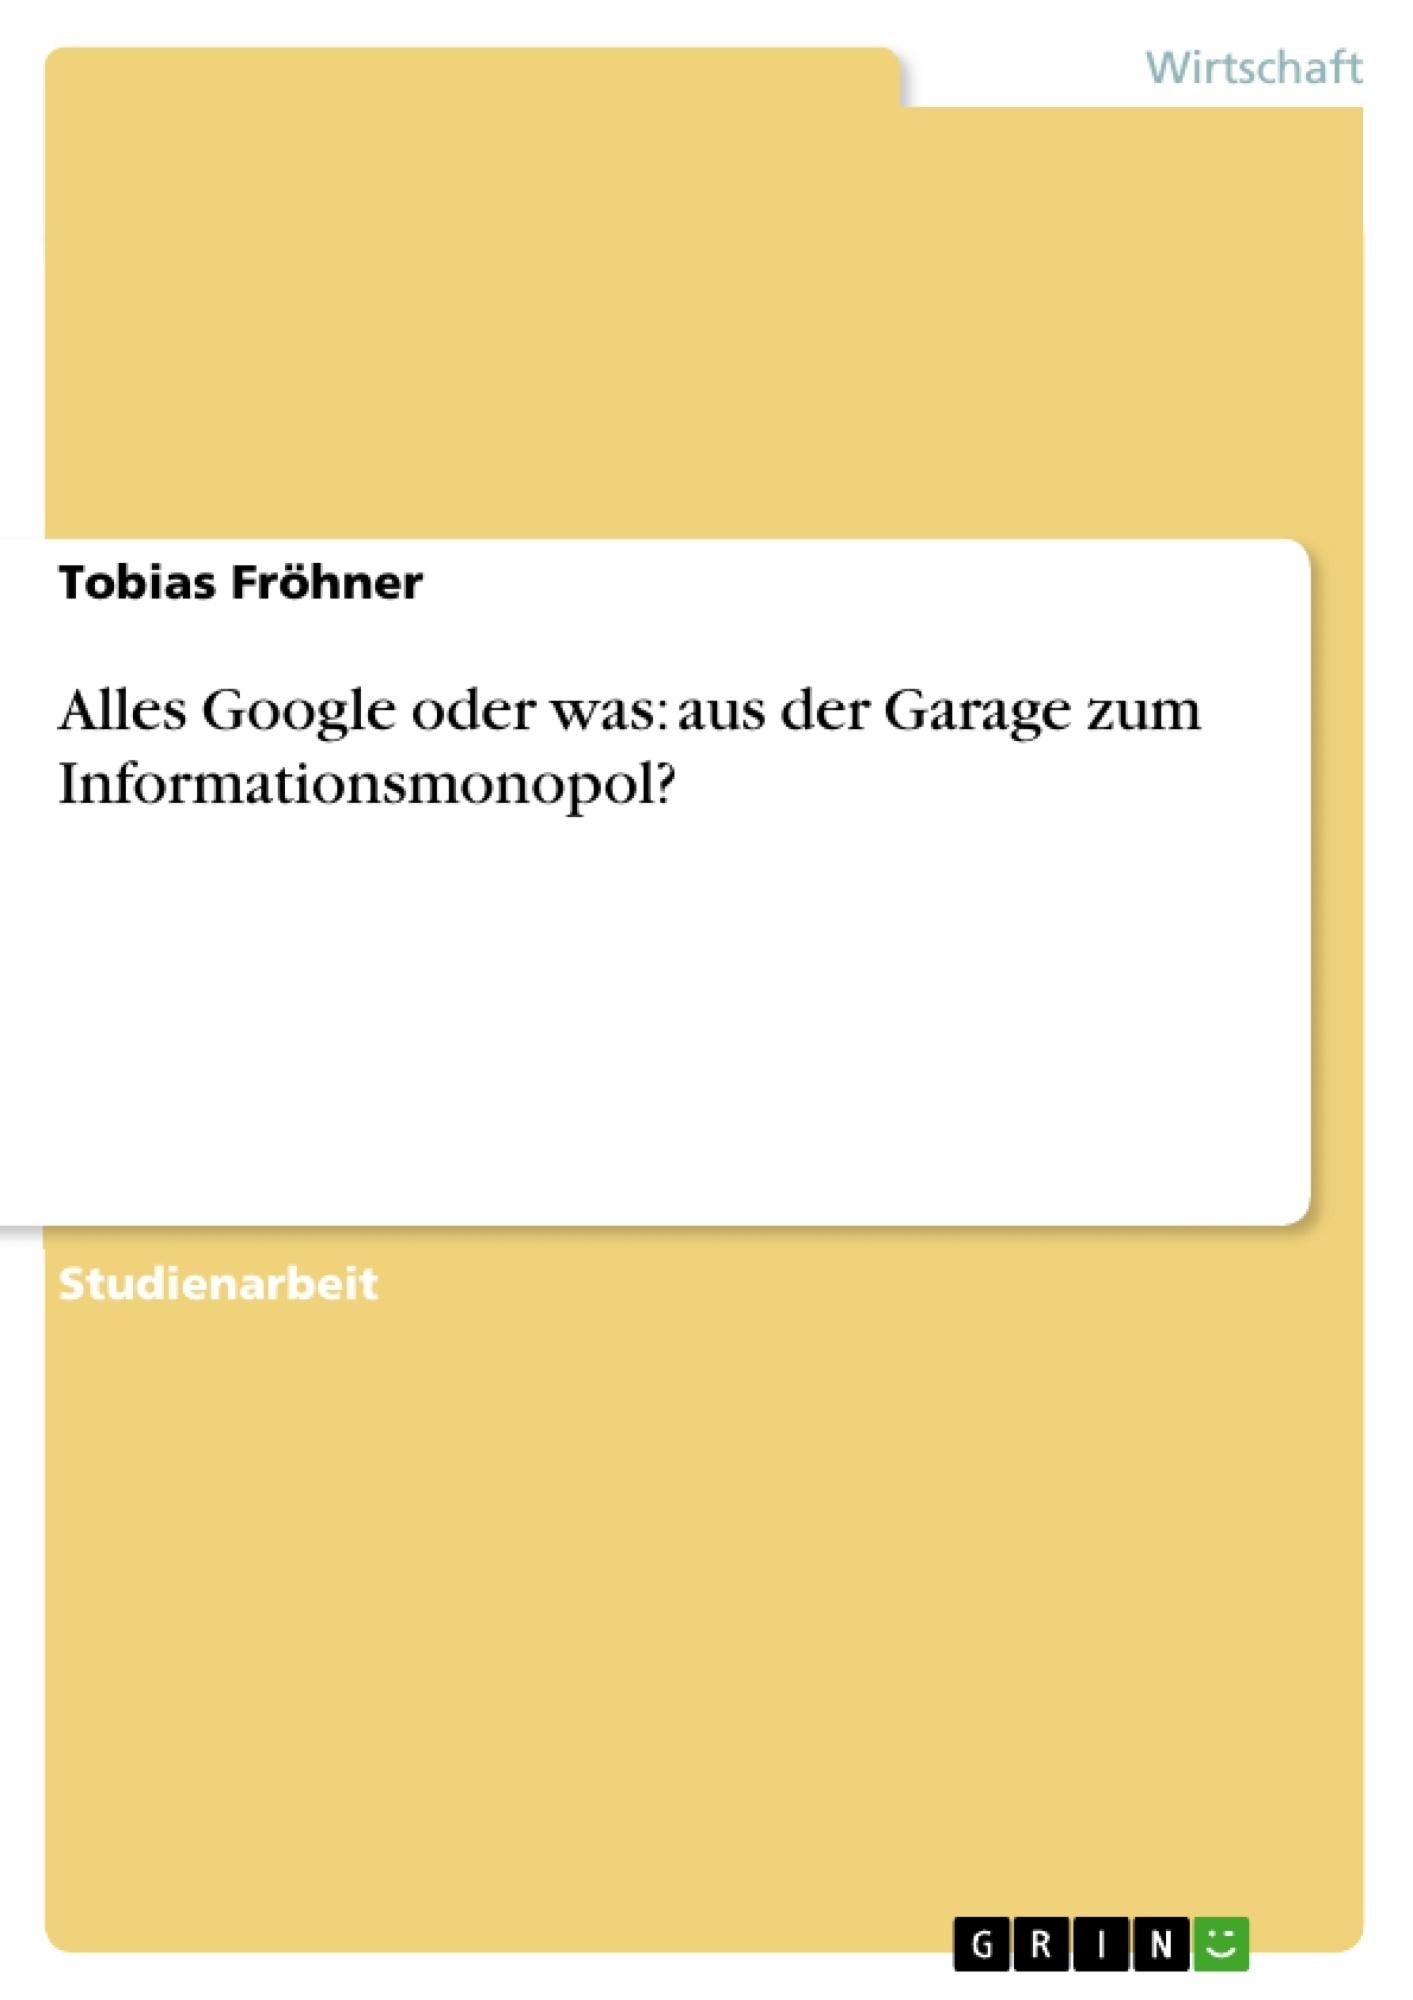 Titel: Alles Google oder was: aus der Garage zum Informationsmonopol?